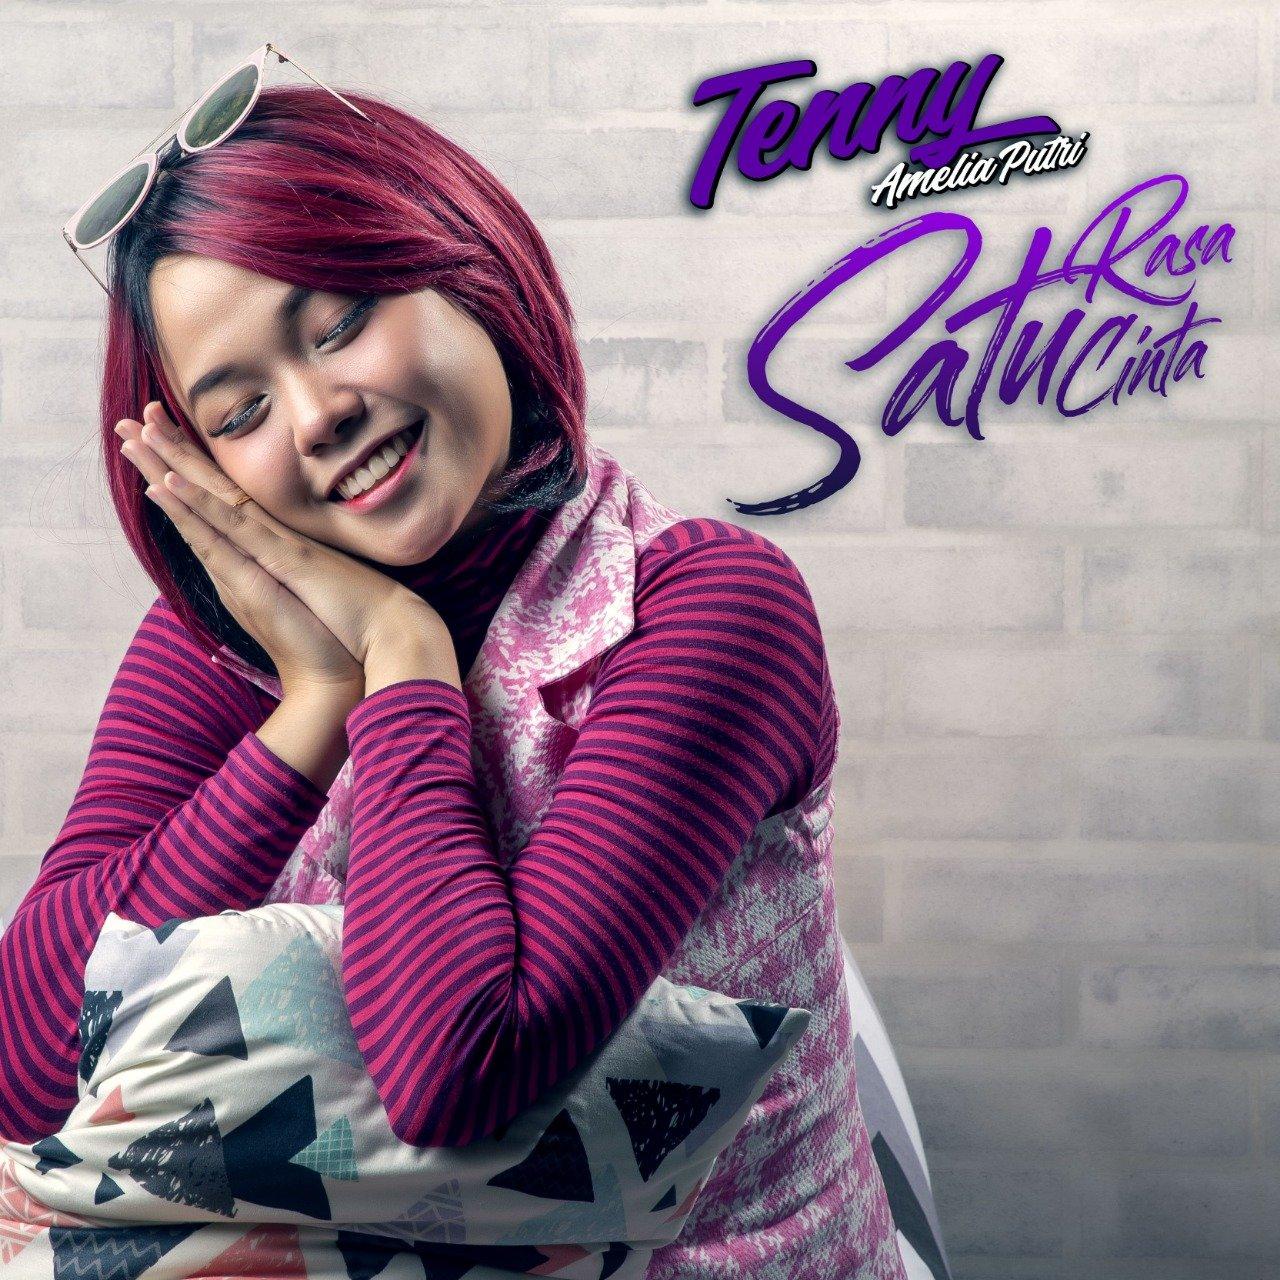 AG Entertainment Memperkenalkan Single Terbaru Tenny Amelia Putri dengan Judul 'Satu Rasa Satu Cinta'